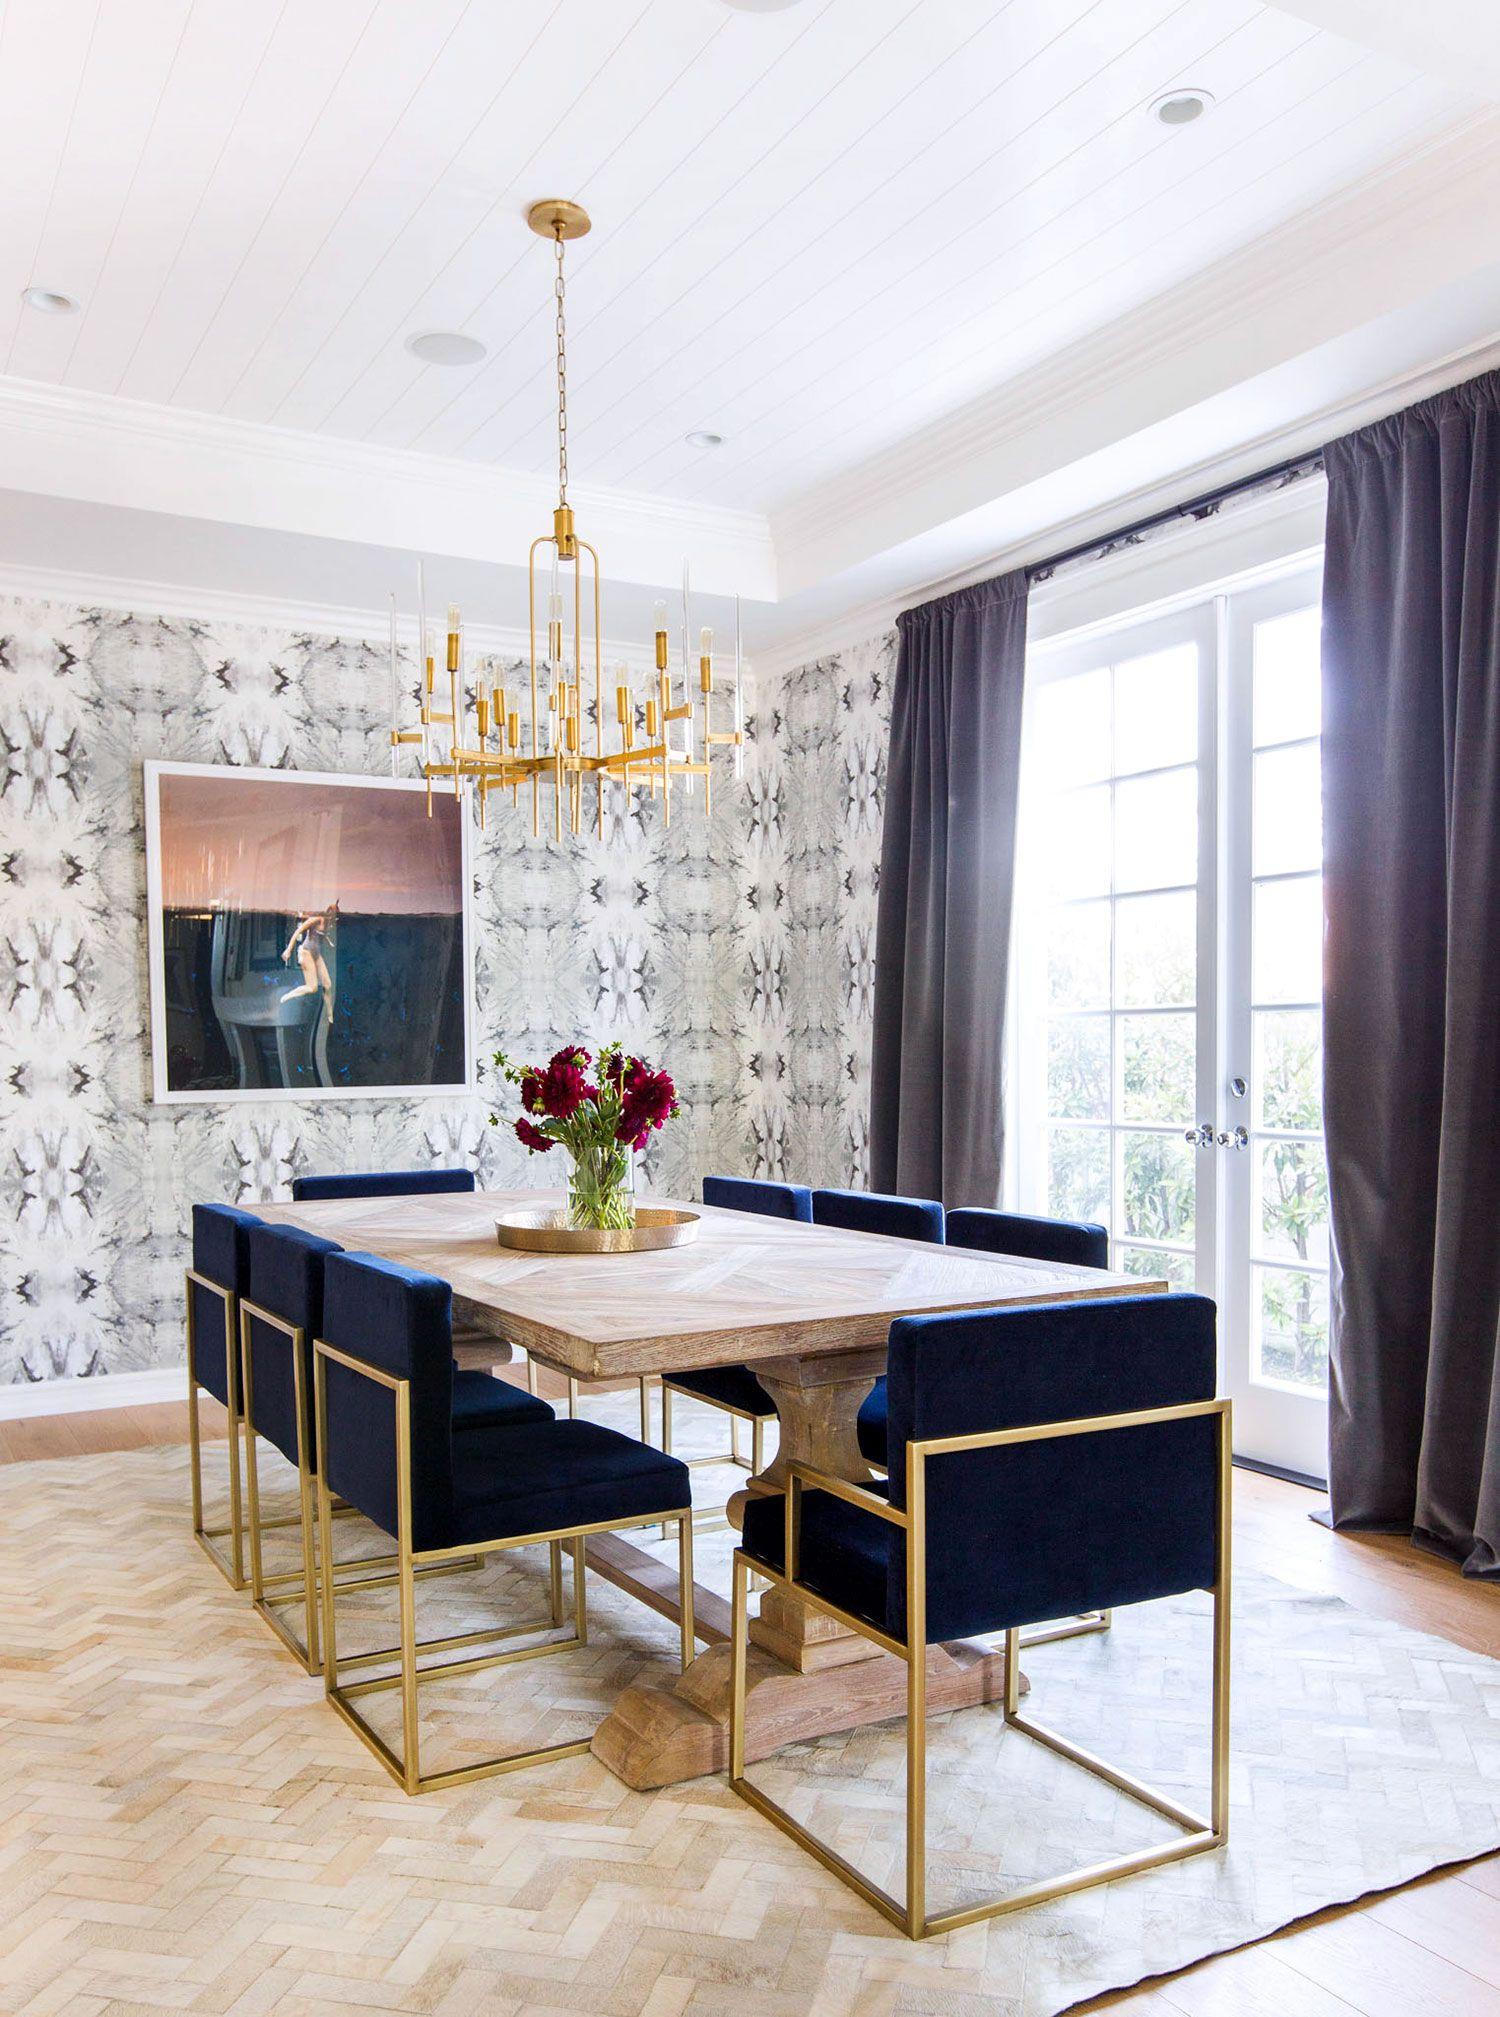 Berühmt Gorgeous Küchen Sessel Fotos Wohnzimmer Dekoration Ideen